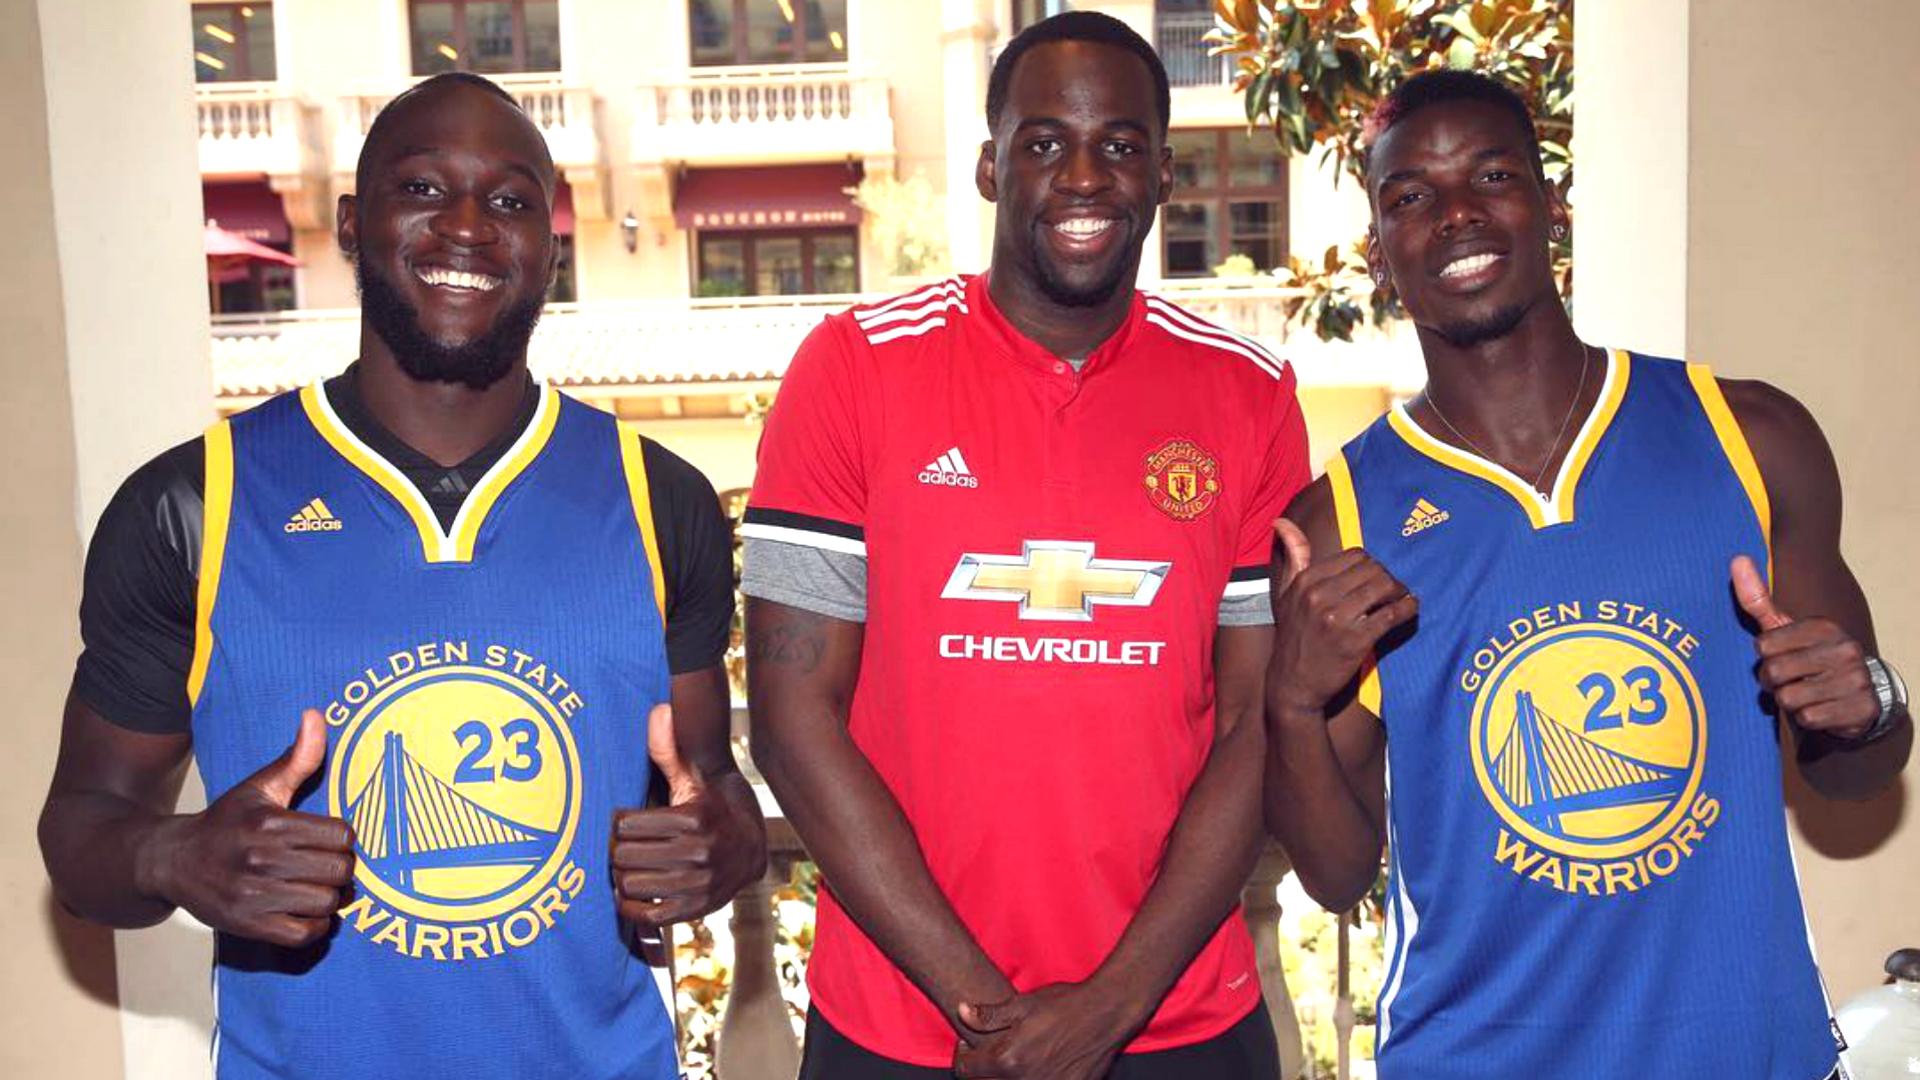 Manchester United prévoit une gamme de maillots de basket ?